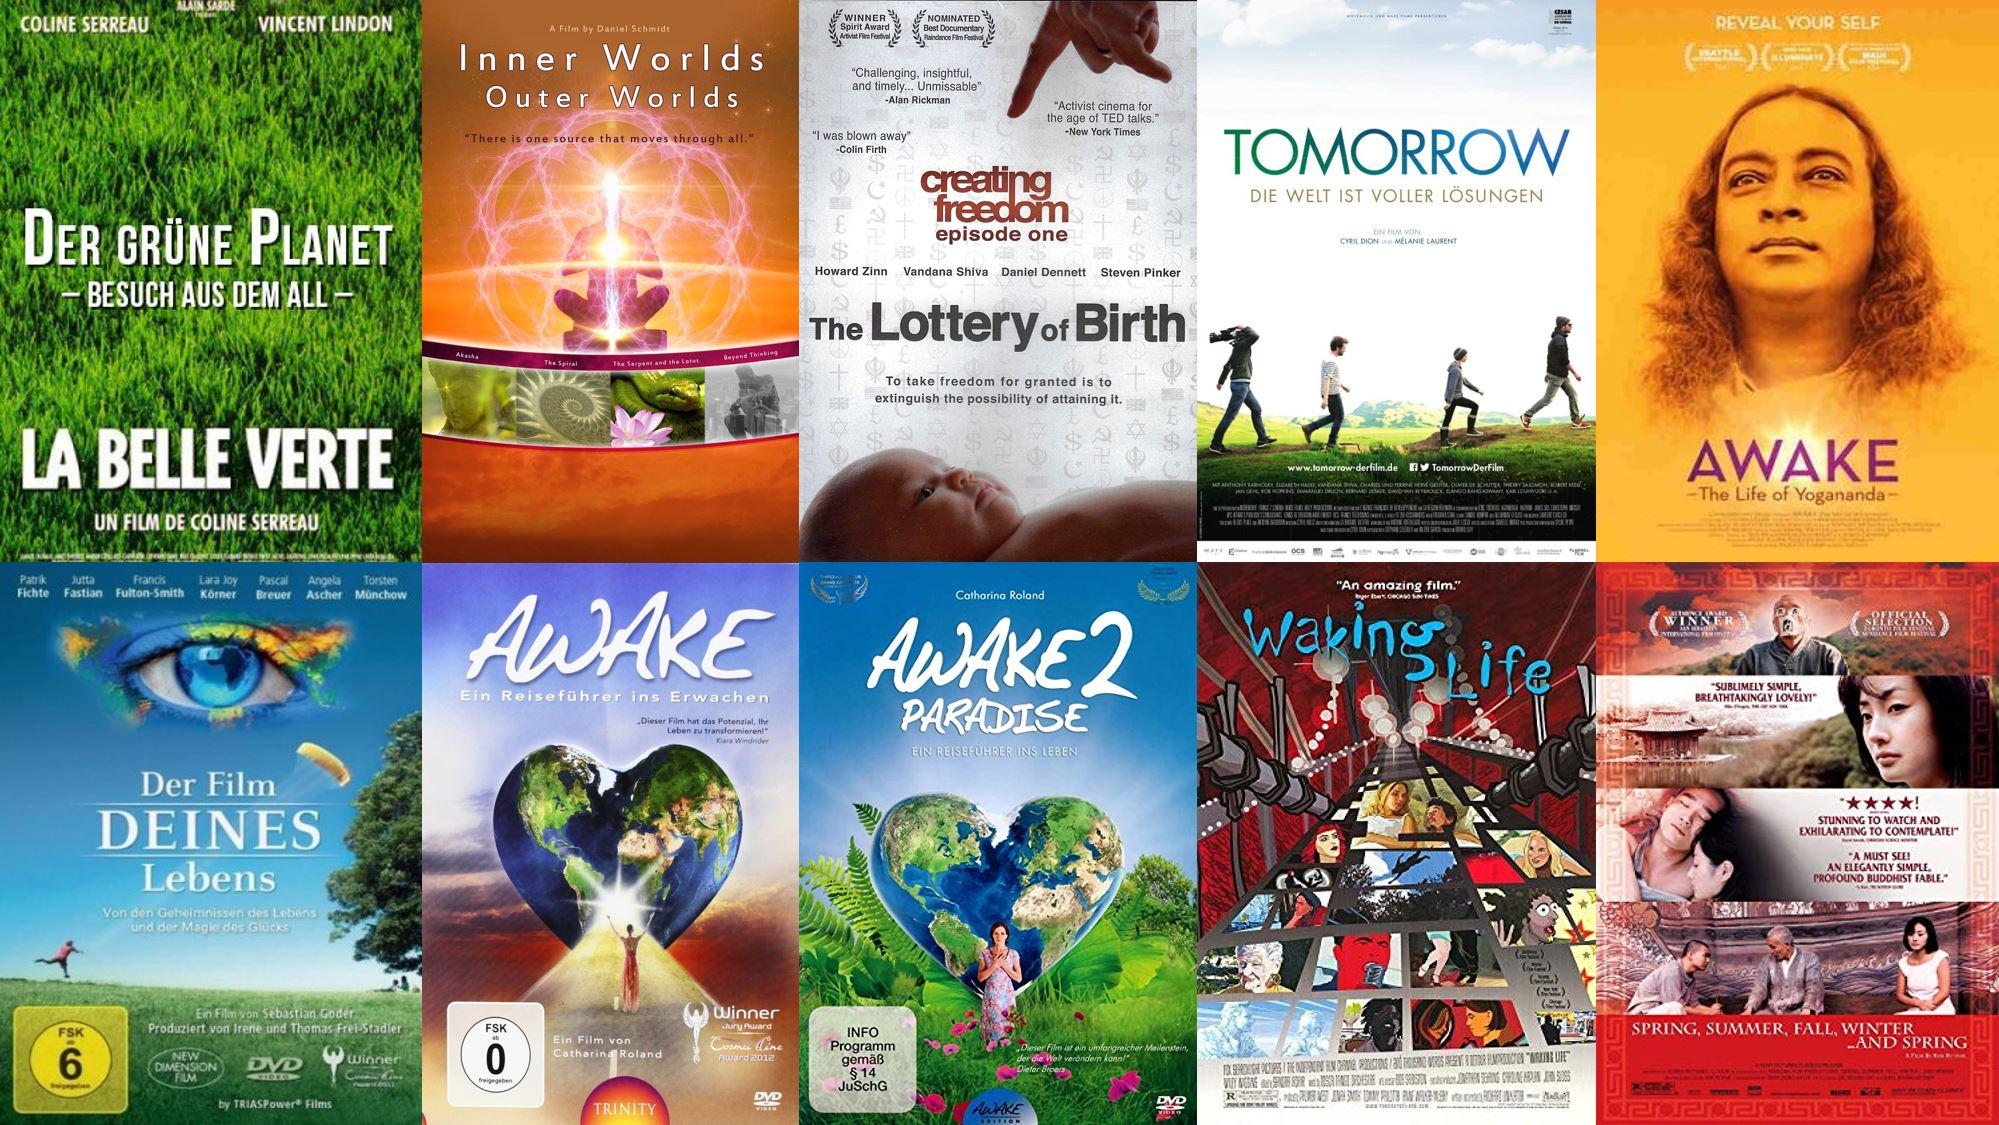 Filme kostenlos online ansehen spirituelle Der spirituelle